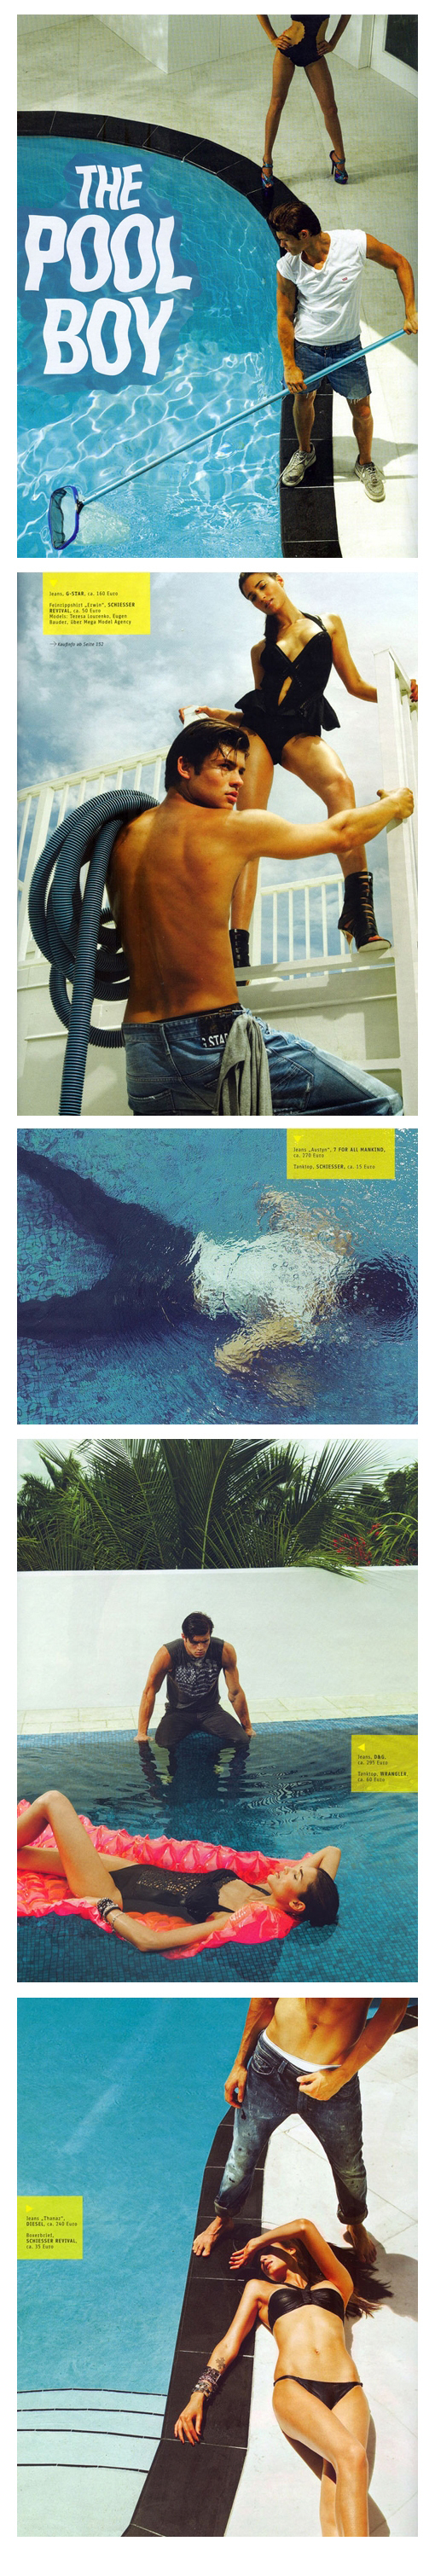 eugen-bauder-the-pool-boy